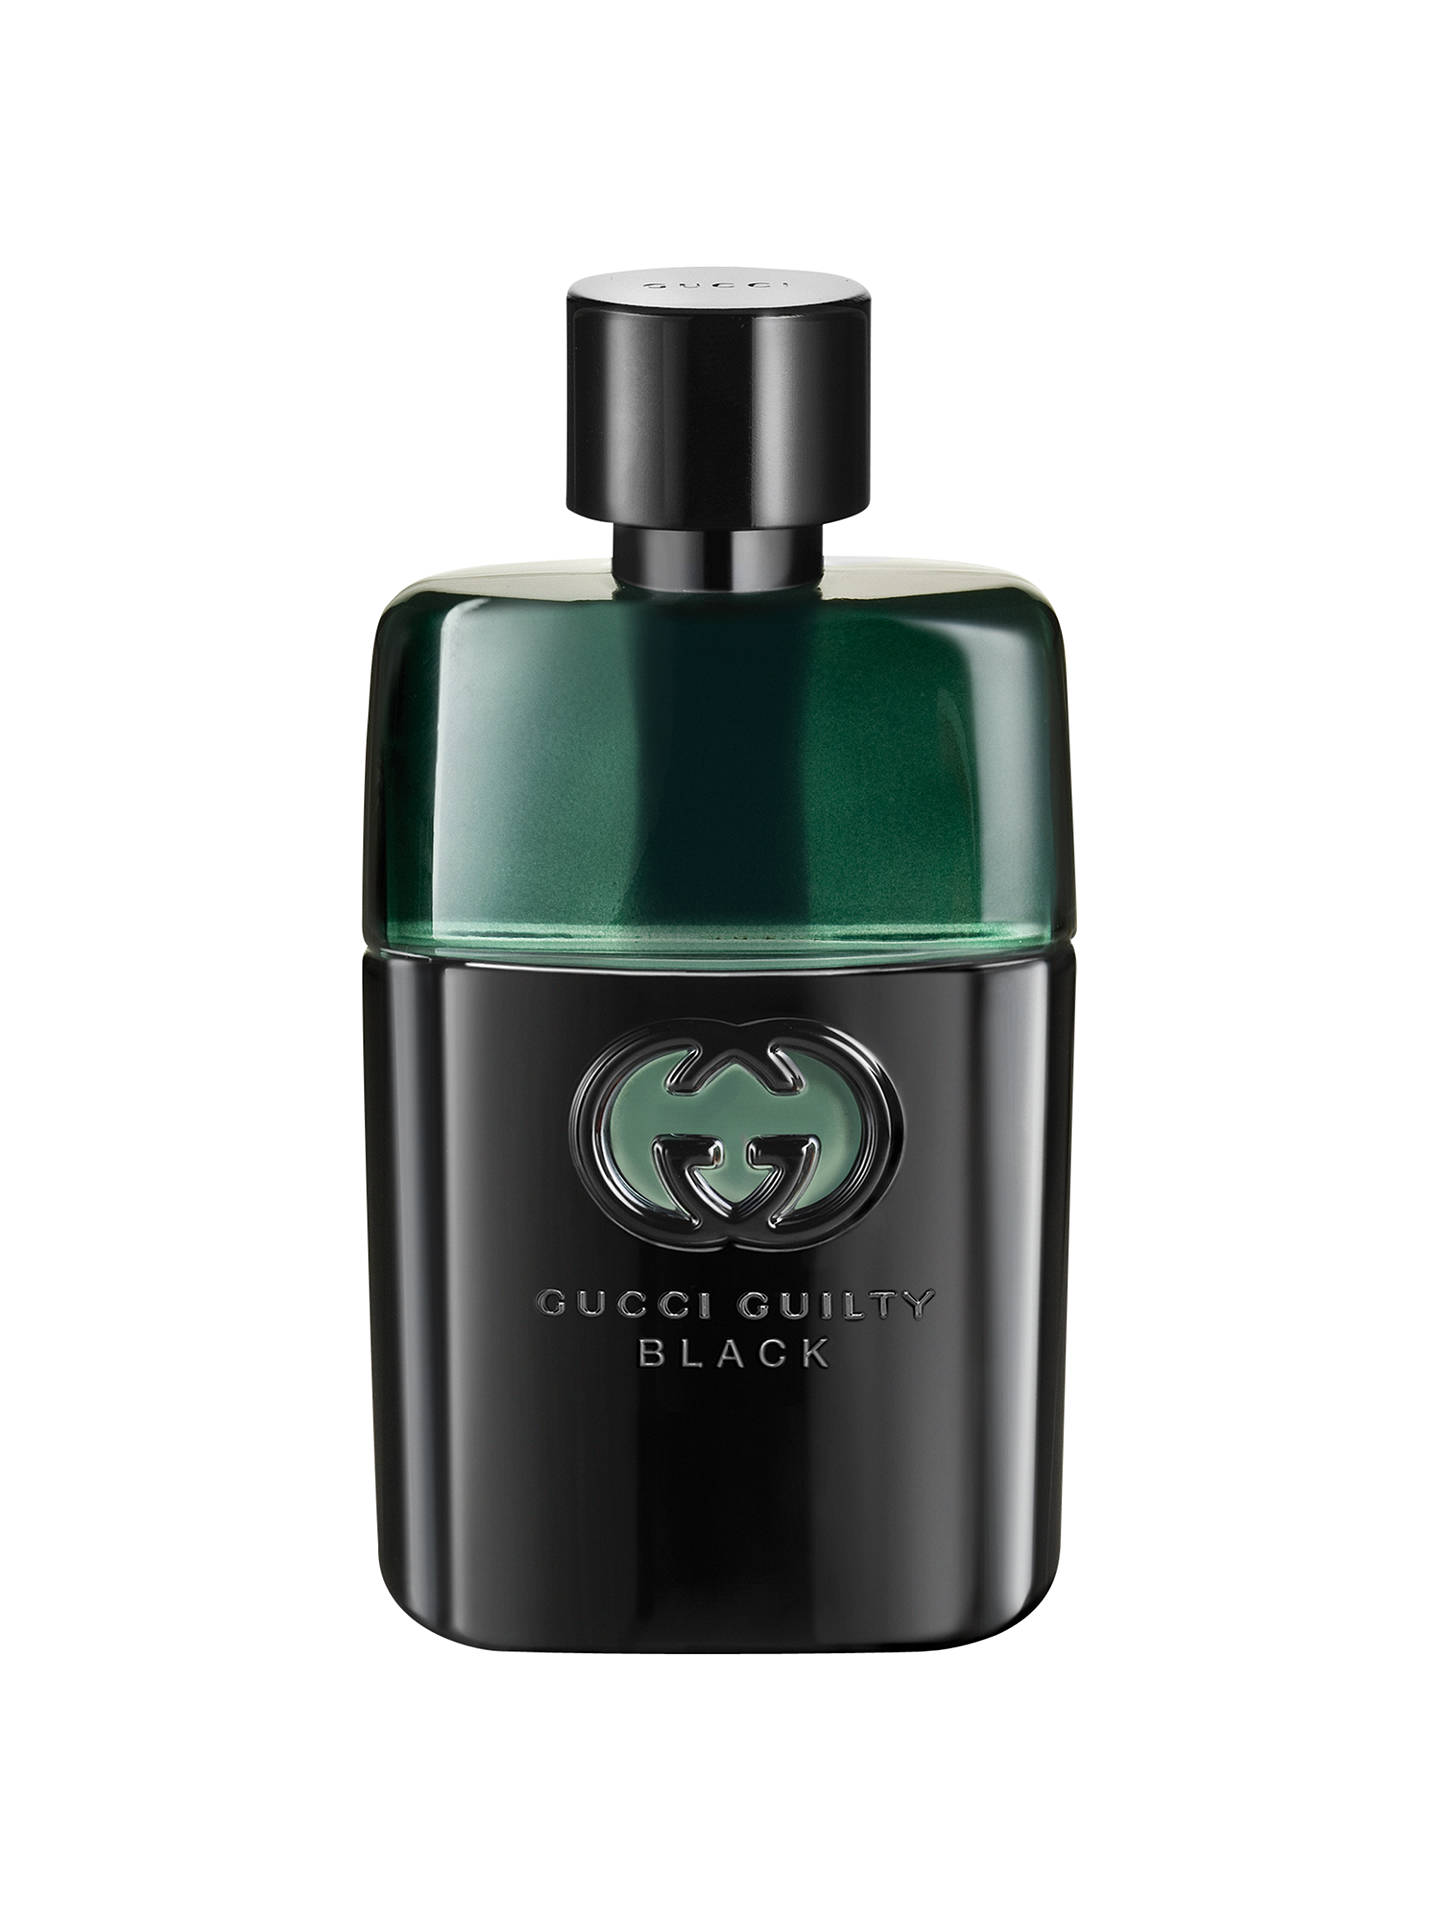 Gucci Guillty Black Eau De Toilette For Him At John Lewis Partners